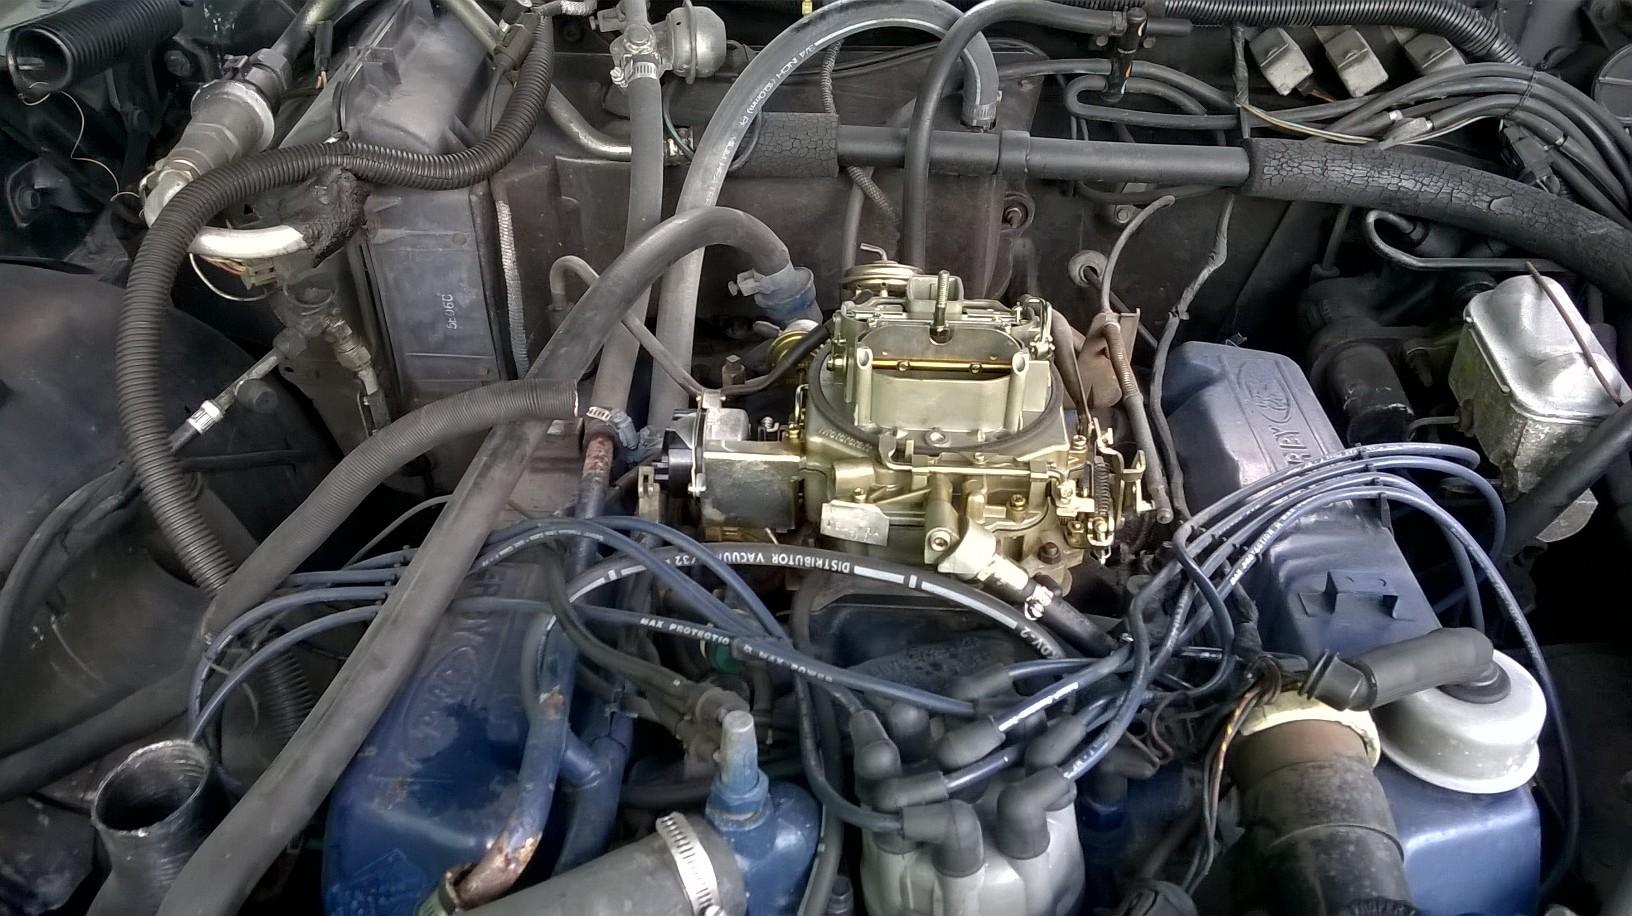 Carburetor Rebuilding Kits Parts Marine Carburetors Orlando 1975 Lincoln Town Car Tampa Florida Keys State Of California